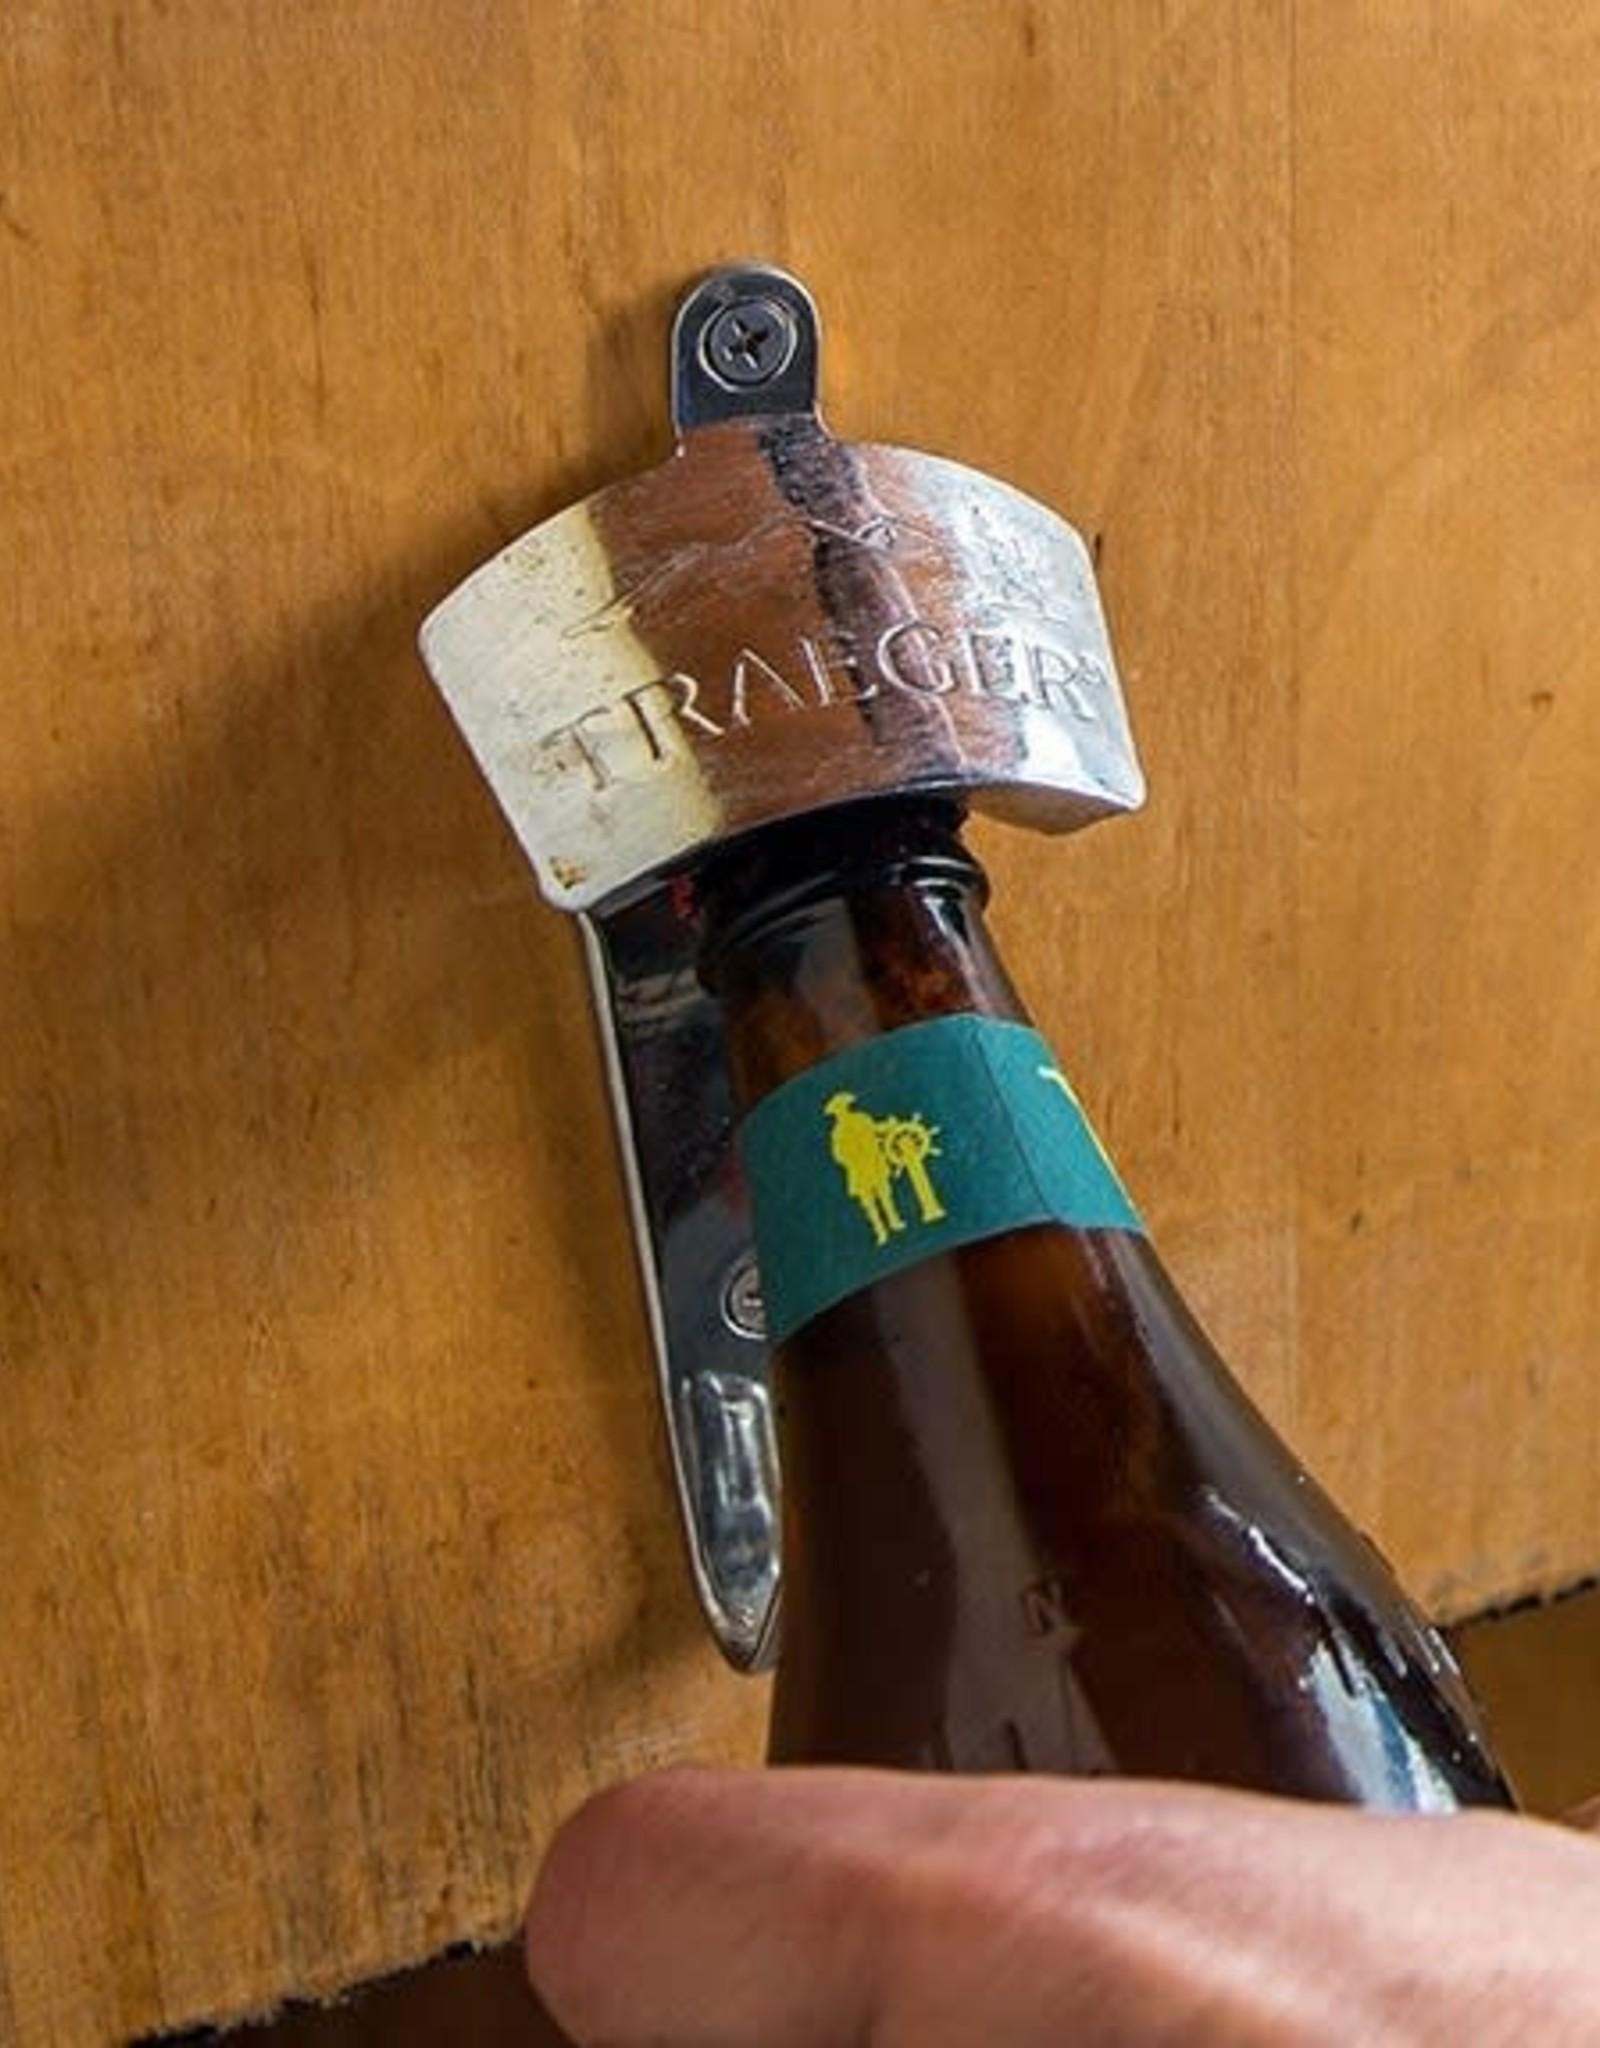 Traeger Traeger Chrome Bottle Opener - BAC369